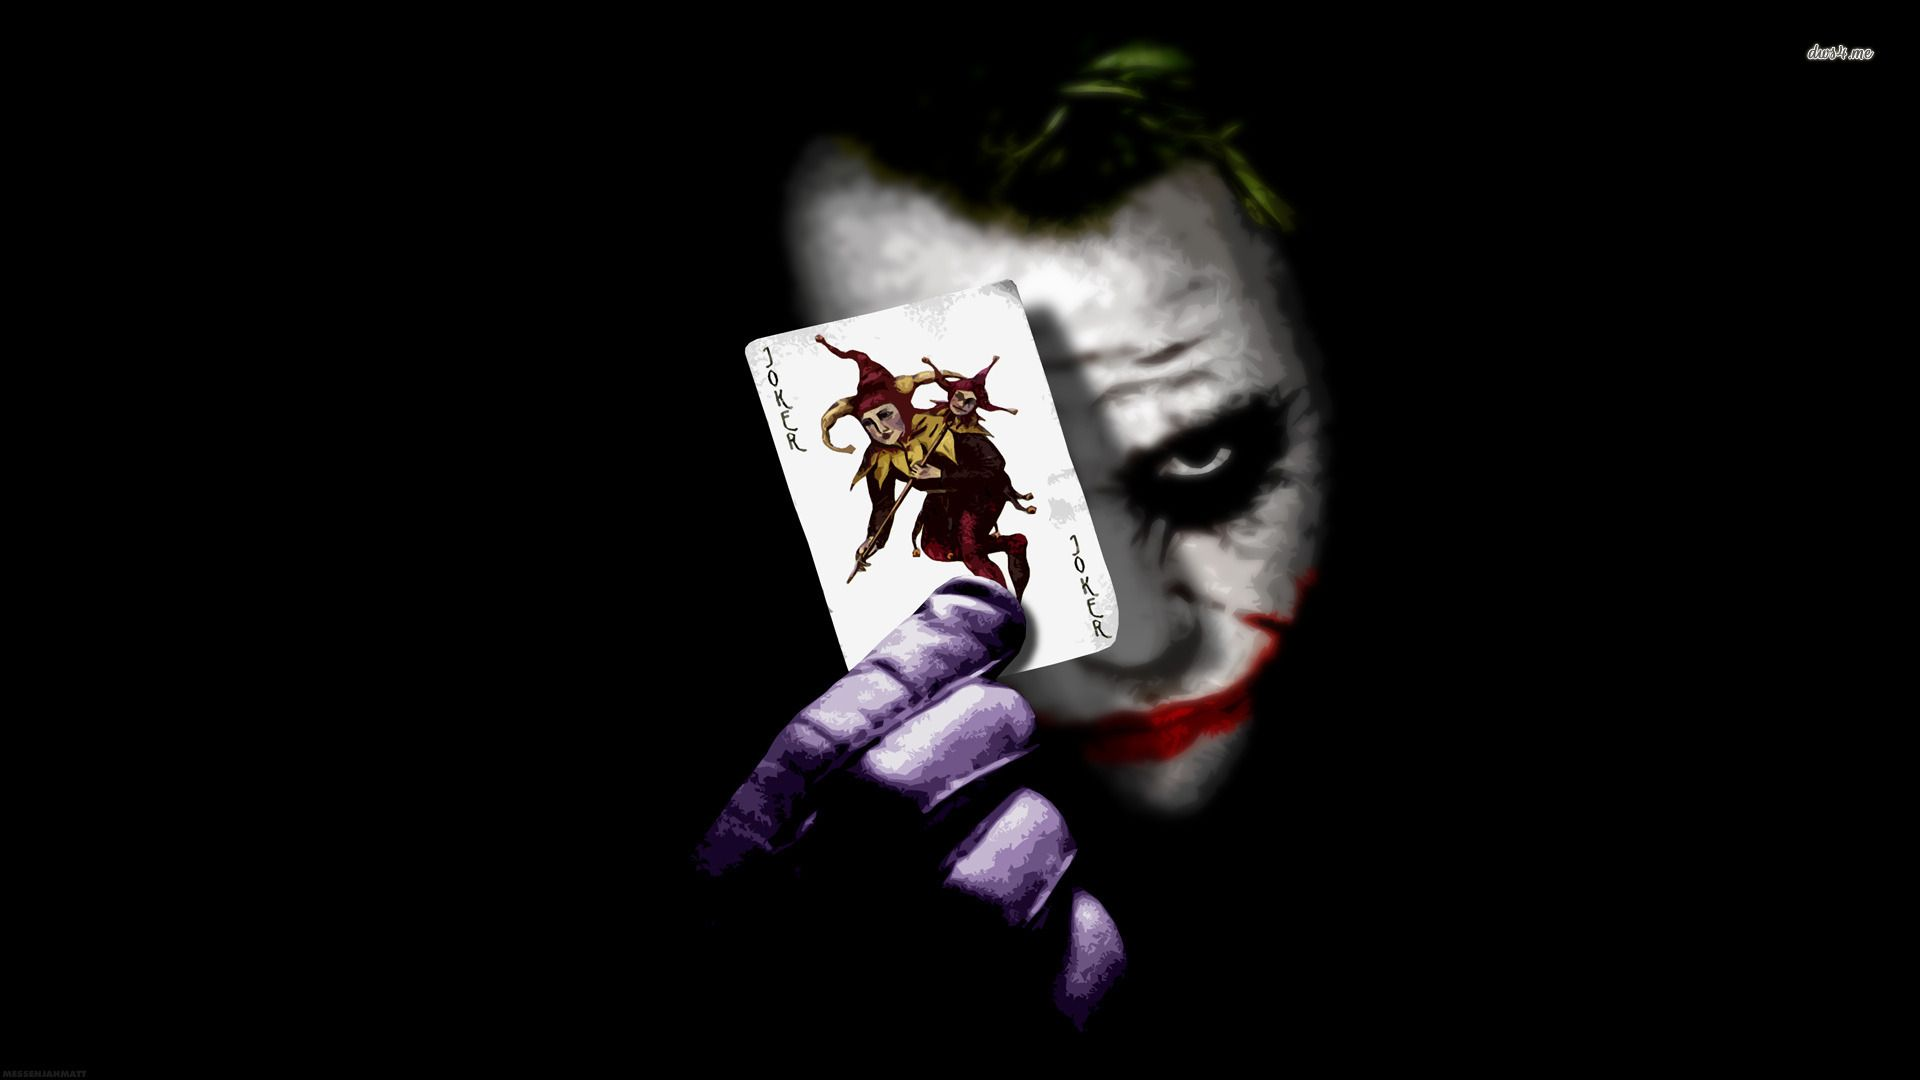 Pin By Ty Watson On Dc Comics Joker Wallpapers Joker Hd Wallpaper